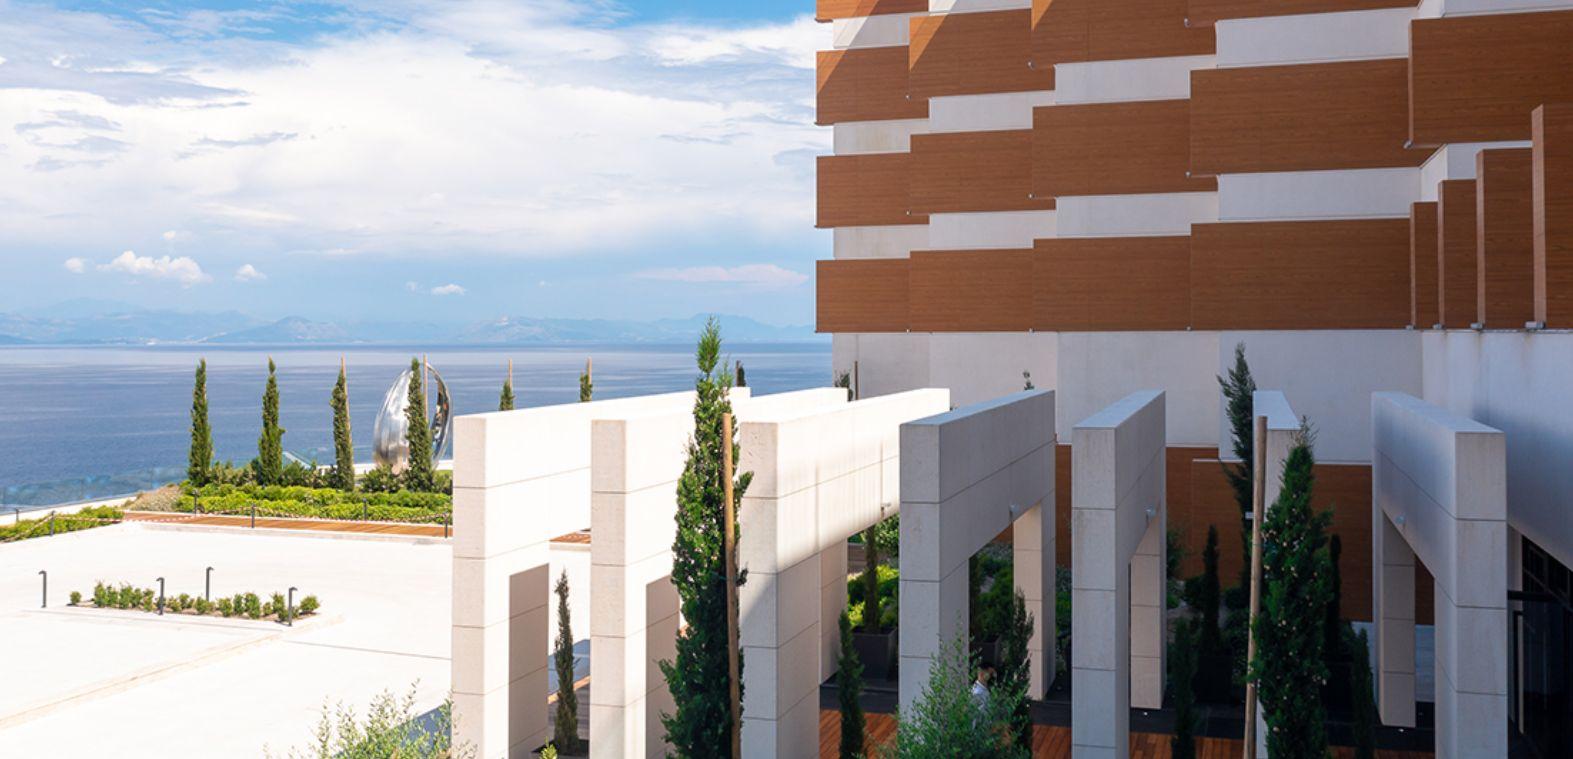 Το νέο 5άστερο Angsana Corfu της Banyan Tree Hotels & Resorts - Πηγή: Banyan Tree Hotels & Resorts